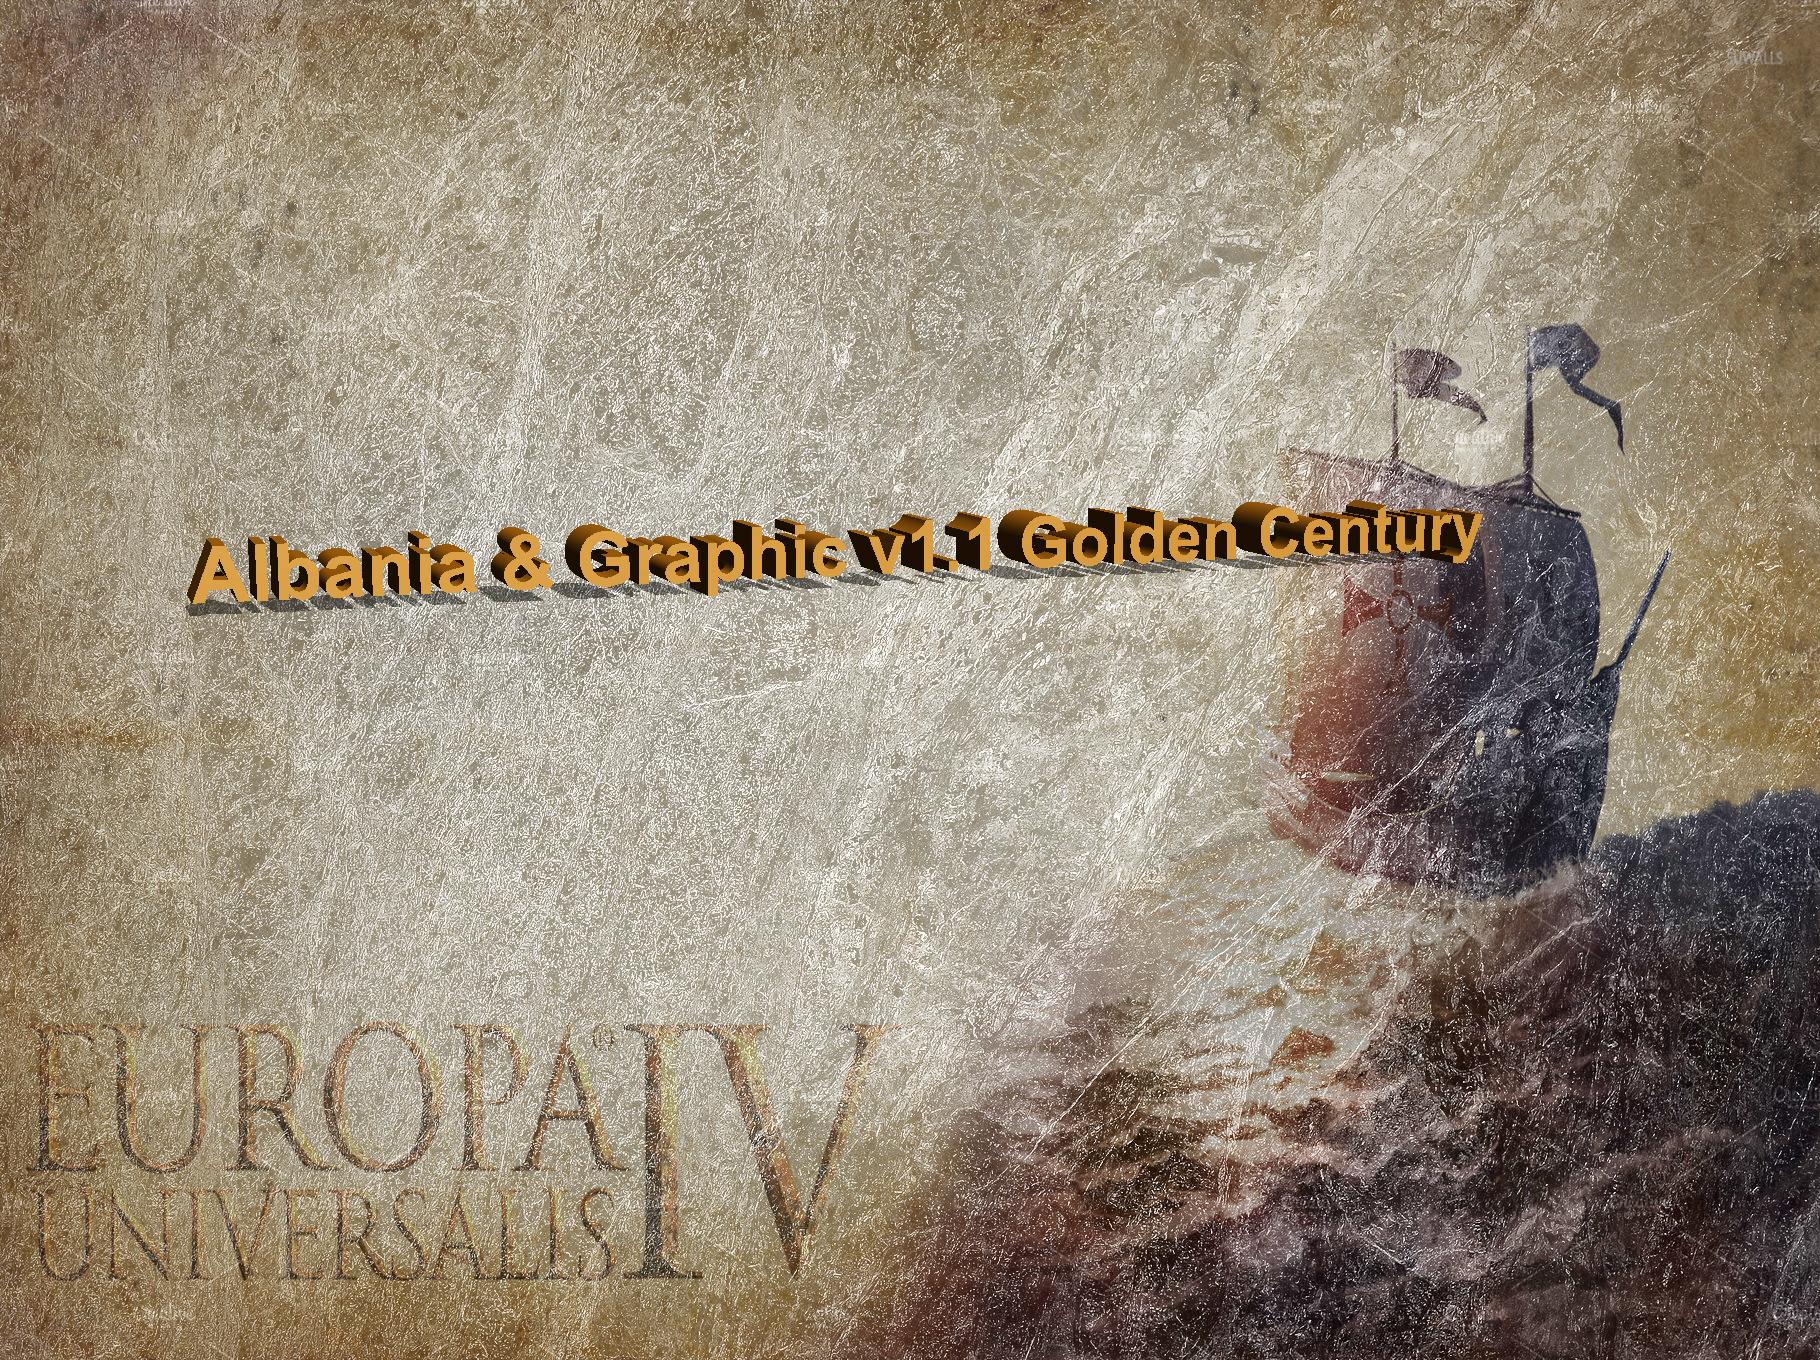 Albania & Graphic For Eu4 v1 28 🔥 mod for Europa Universalis IV